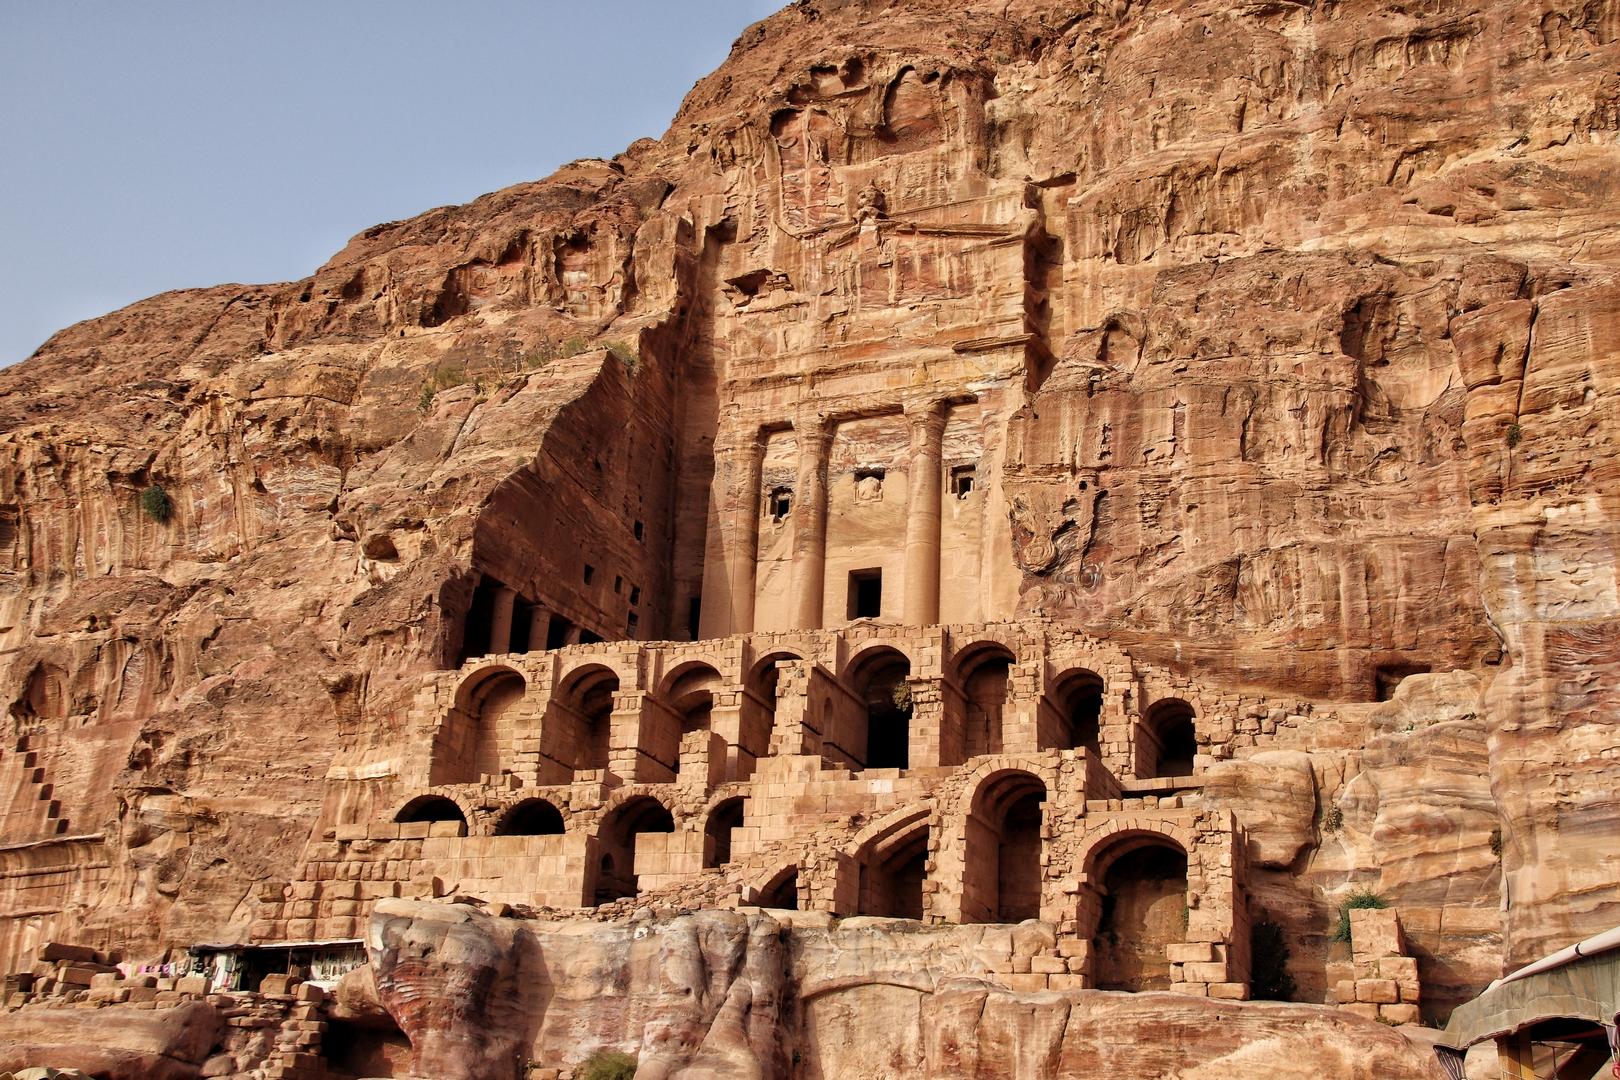 Jordanie - Tombeau à l'urne sur le site de Petra